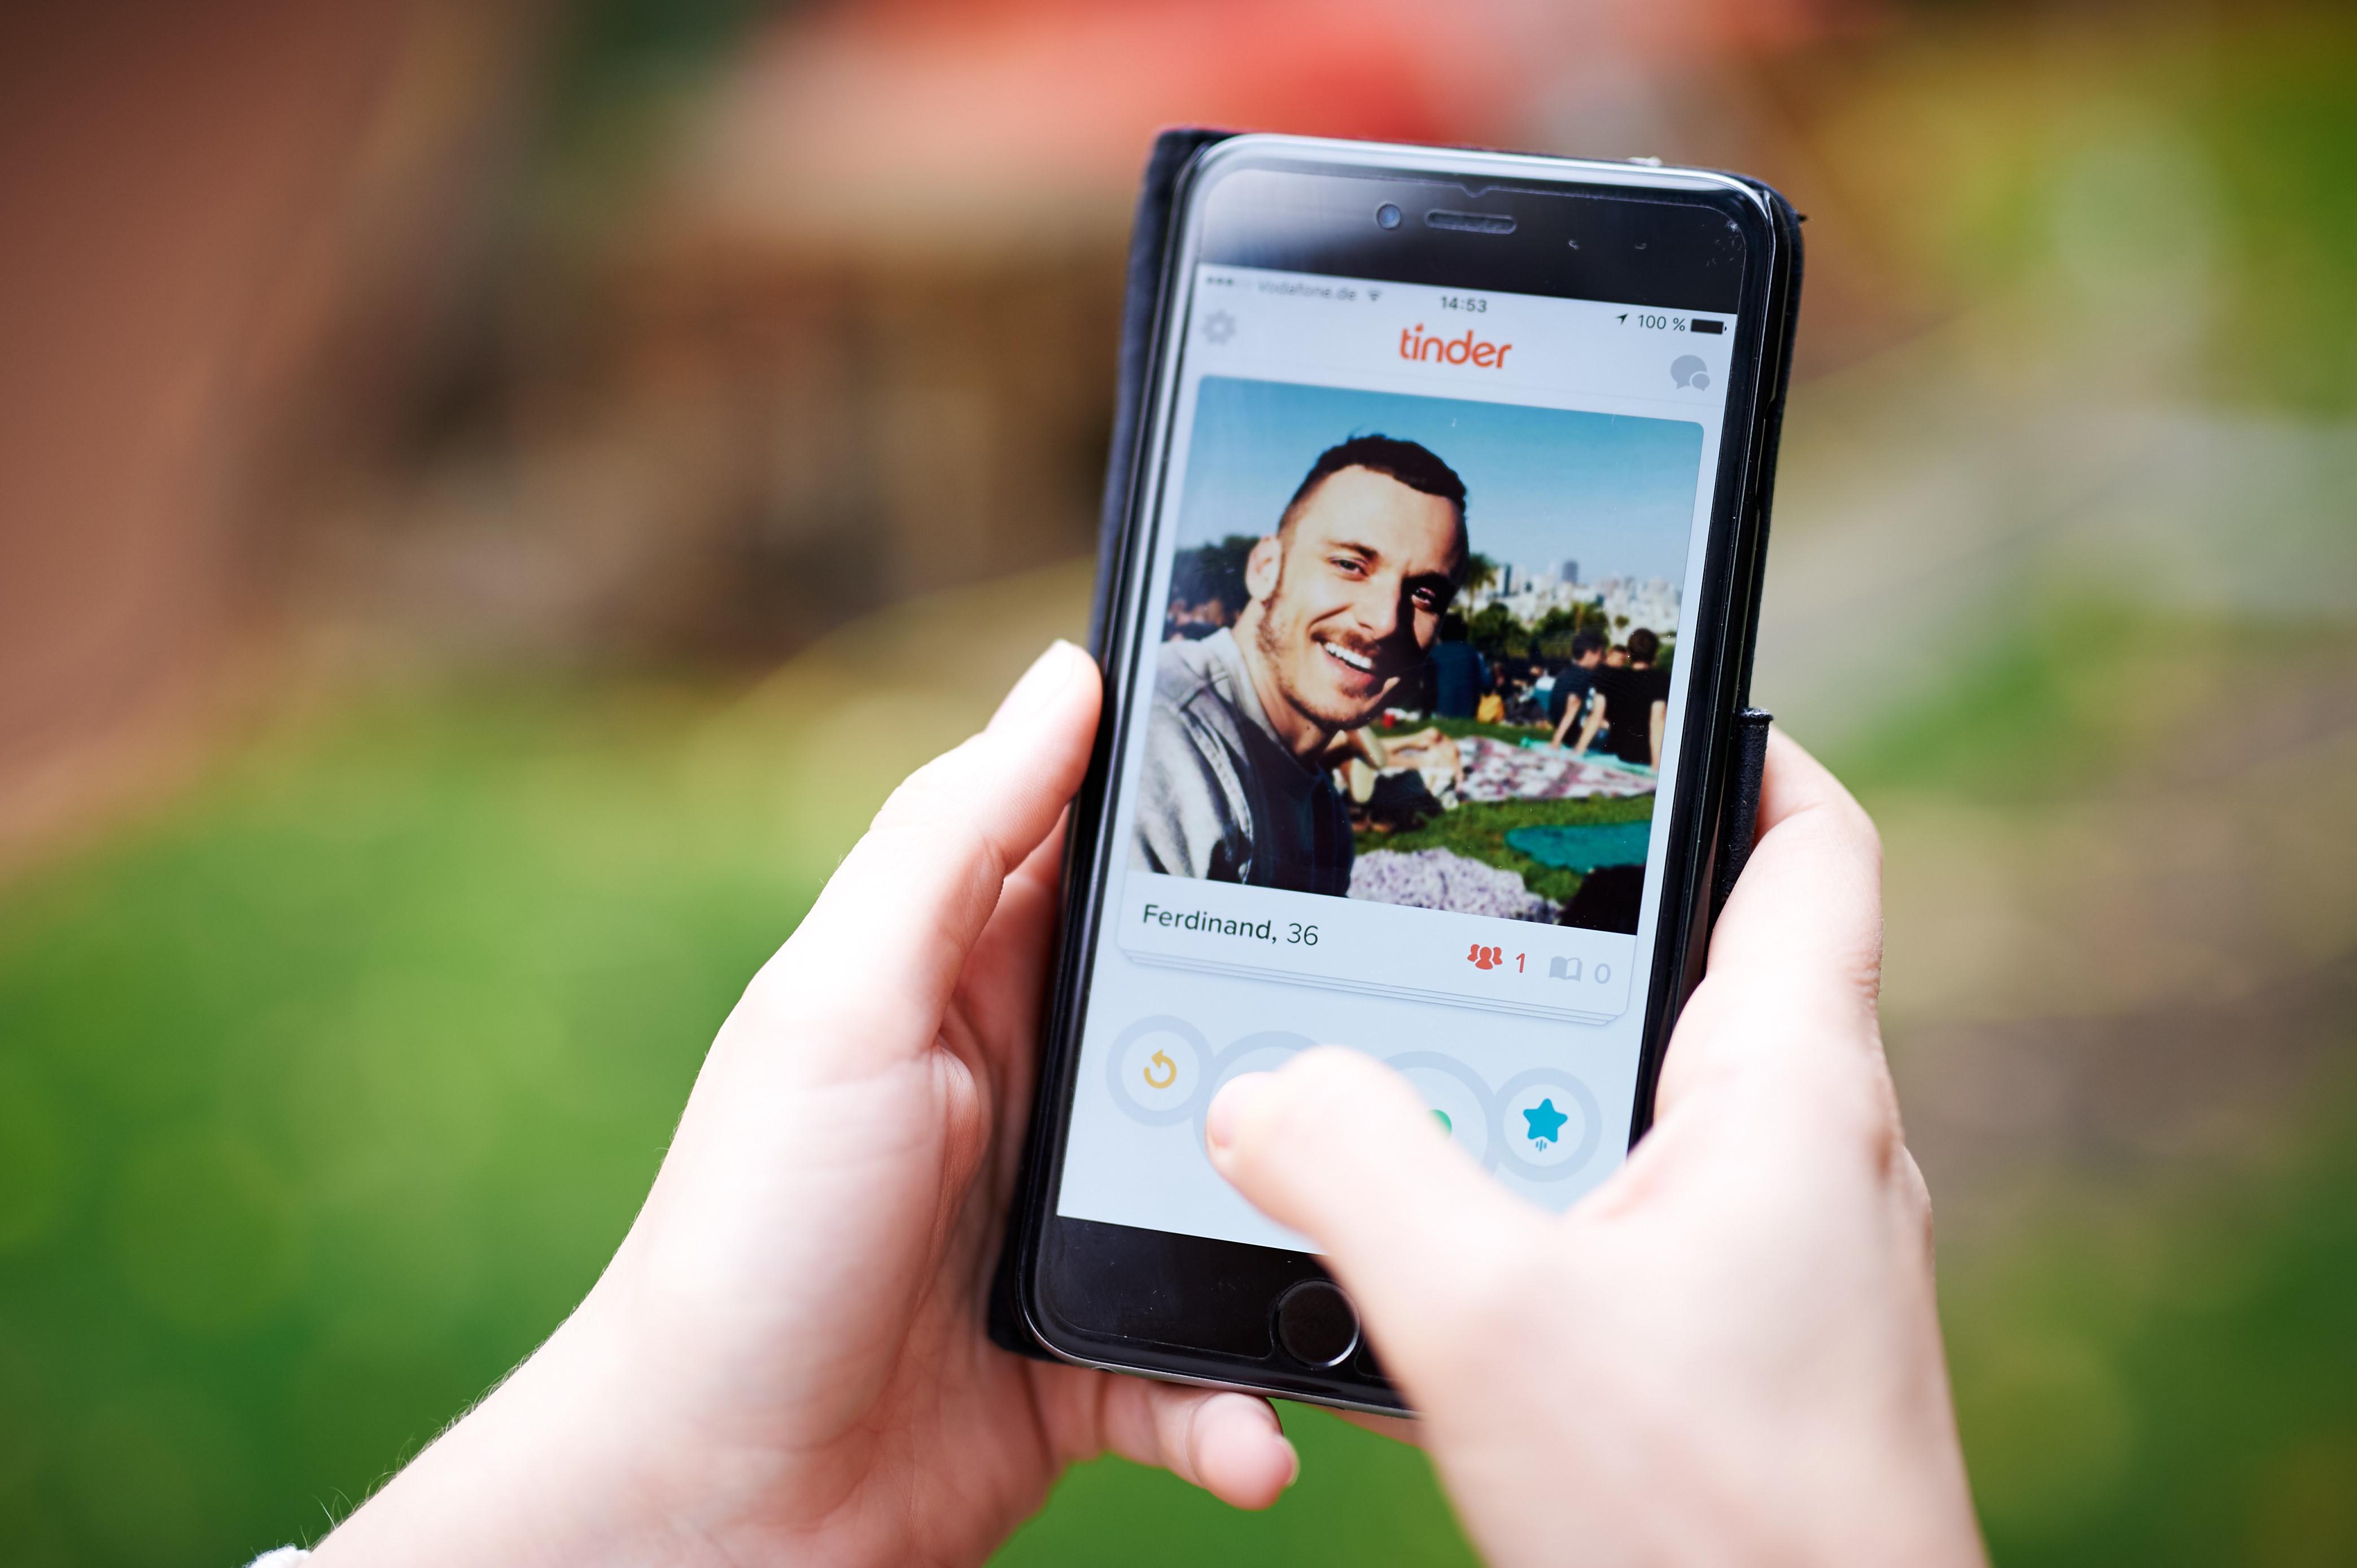 Секреты тиндера: как работает приложение для знакомств